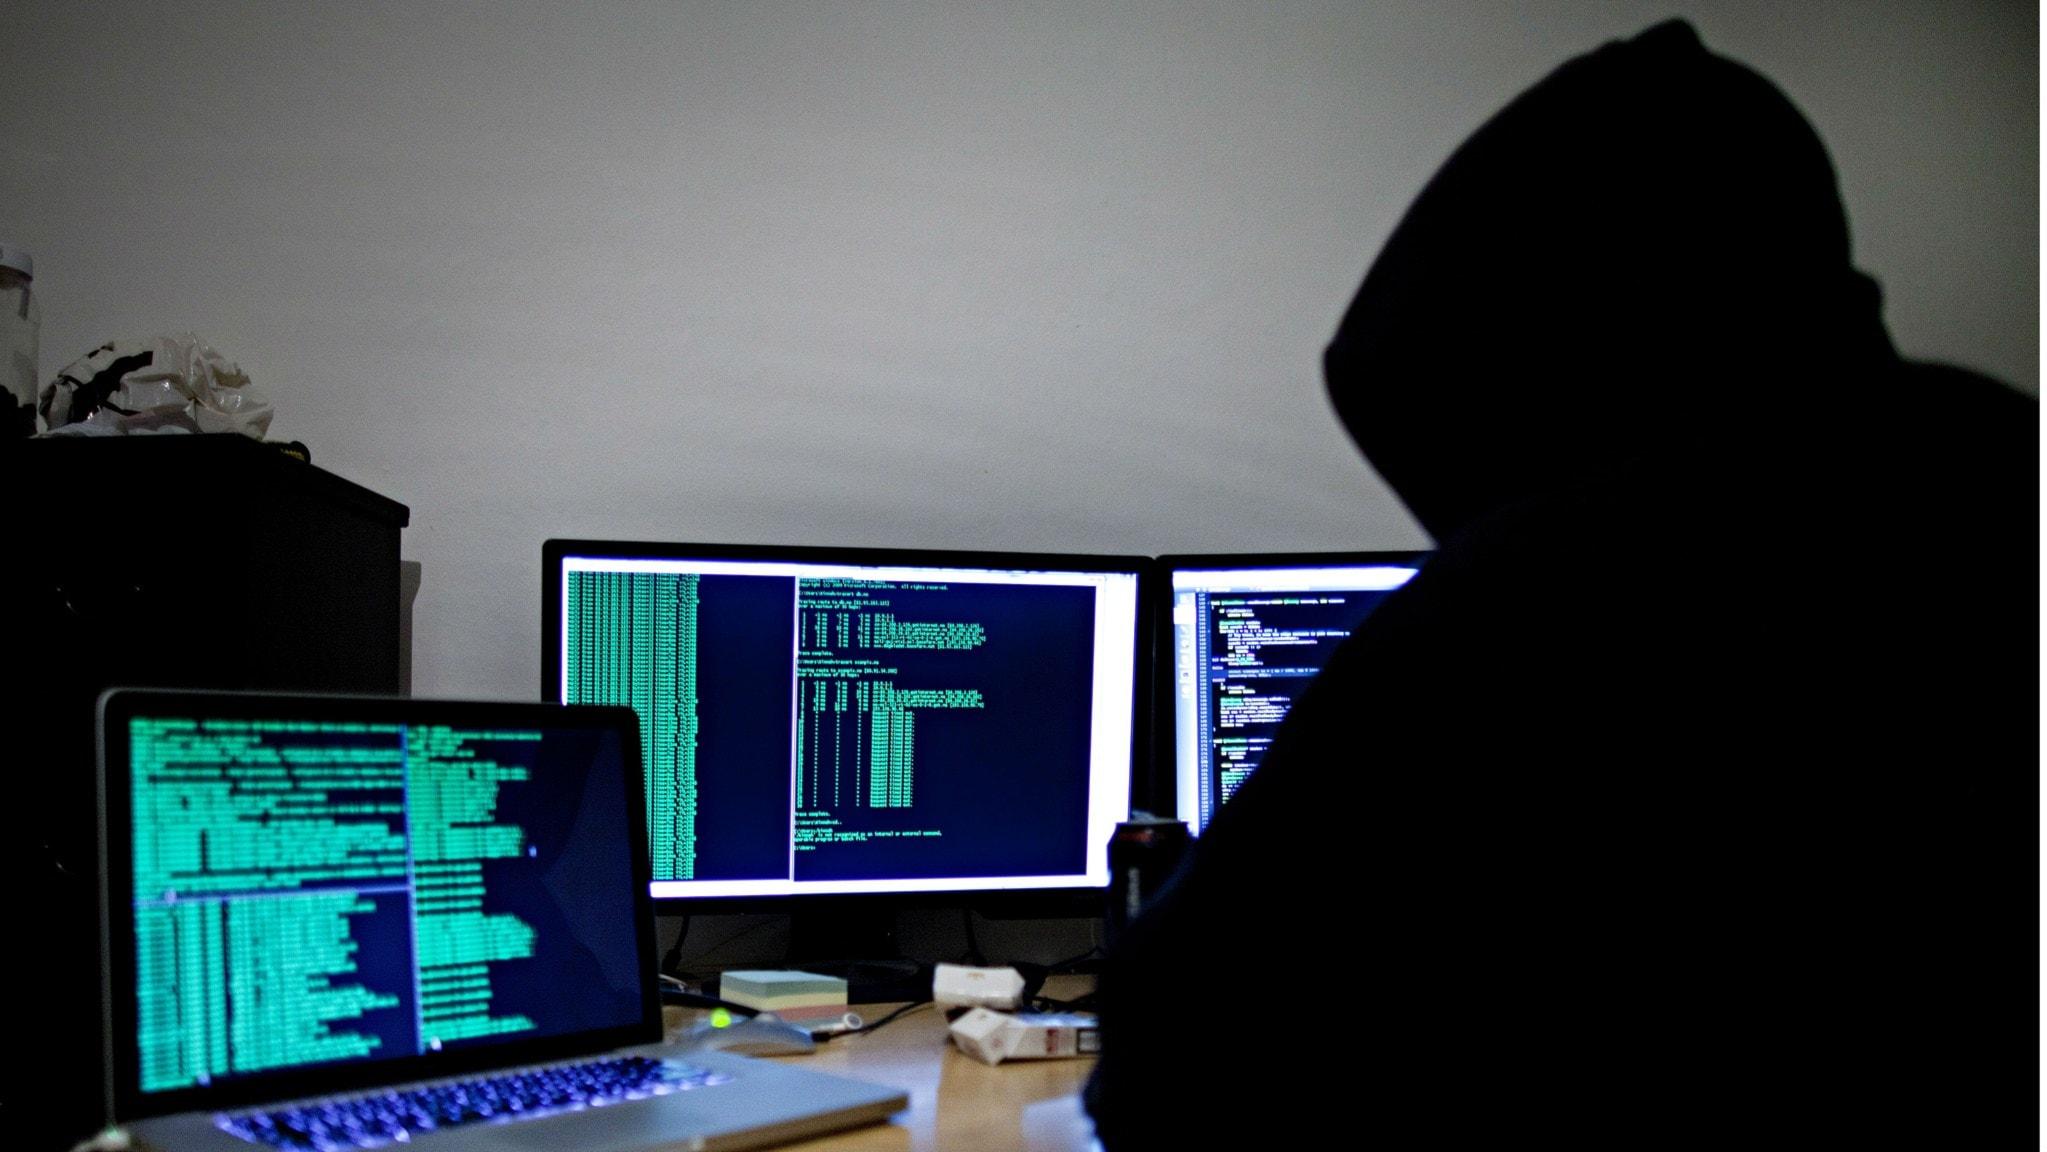 Ryska hackare tog sin in i amerikanska valsystemet